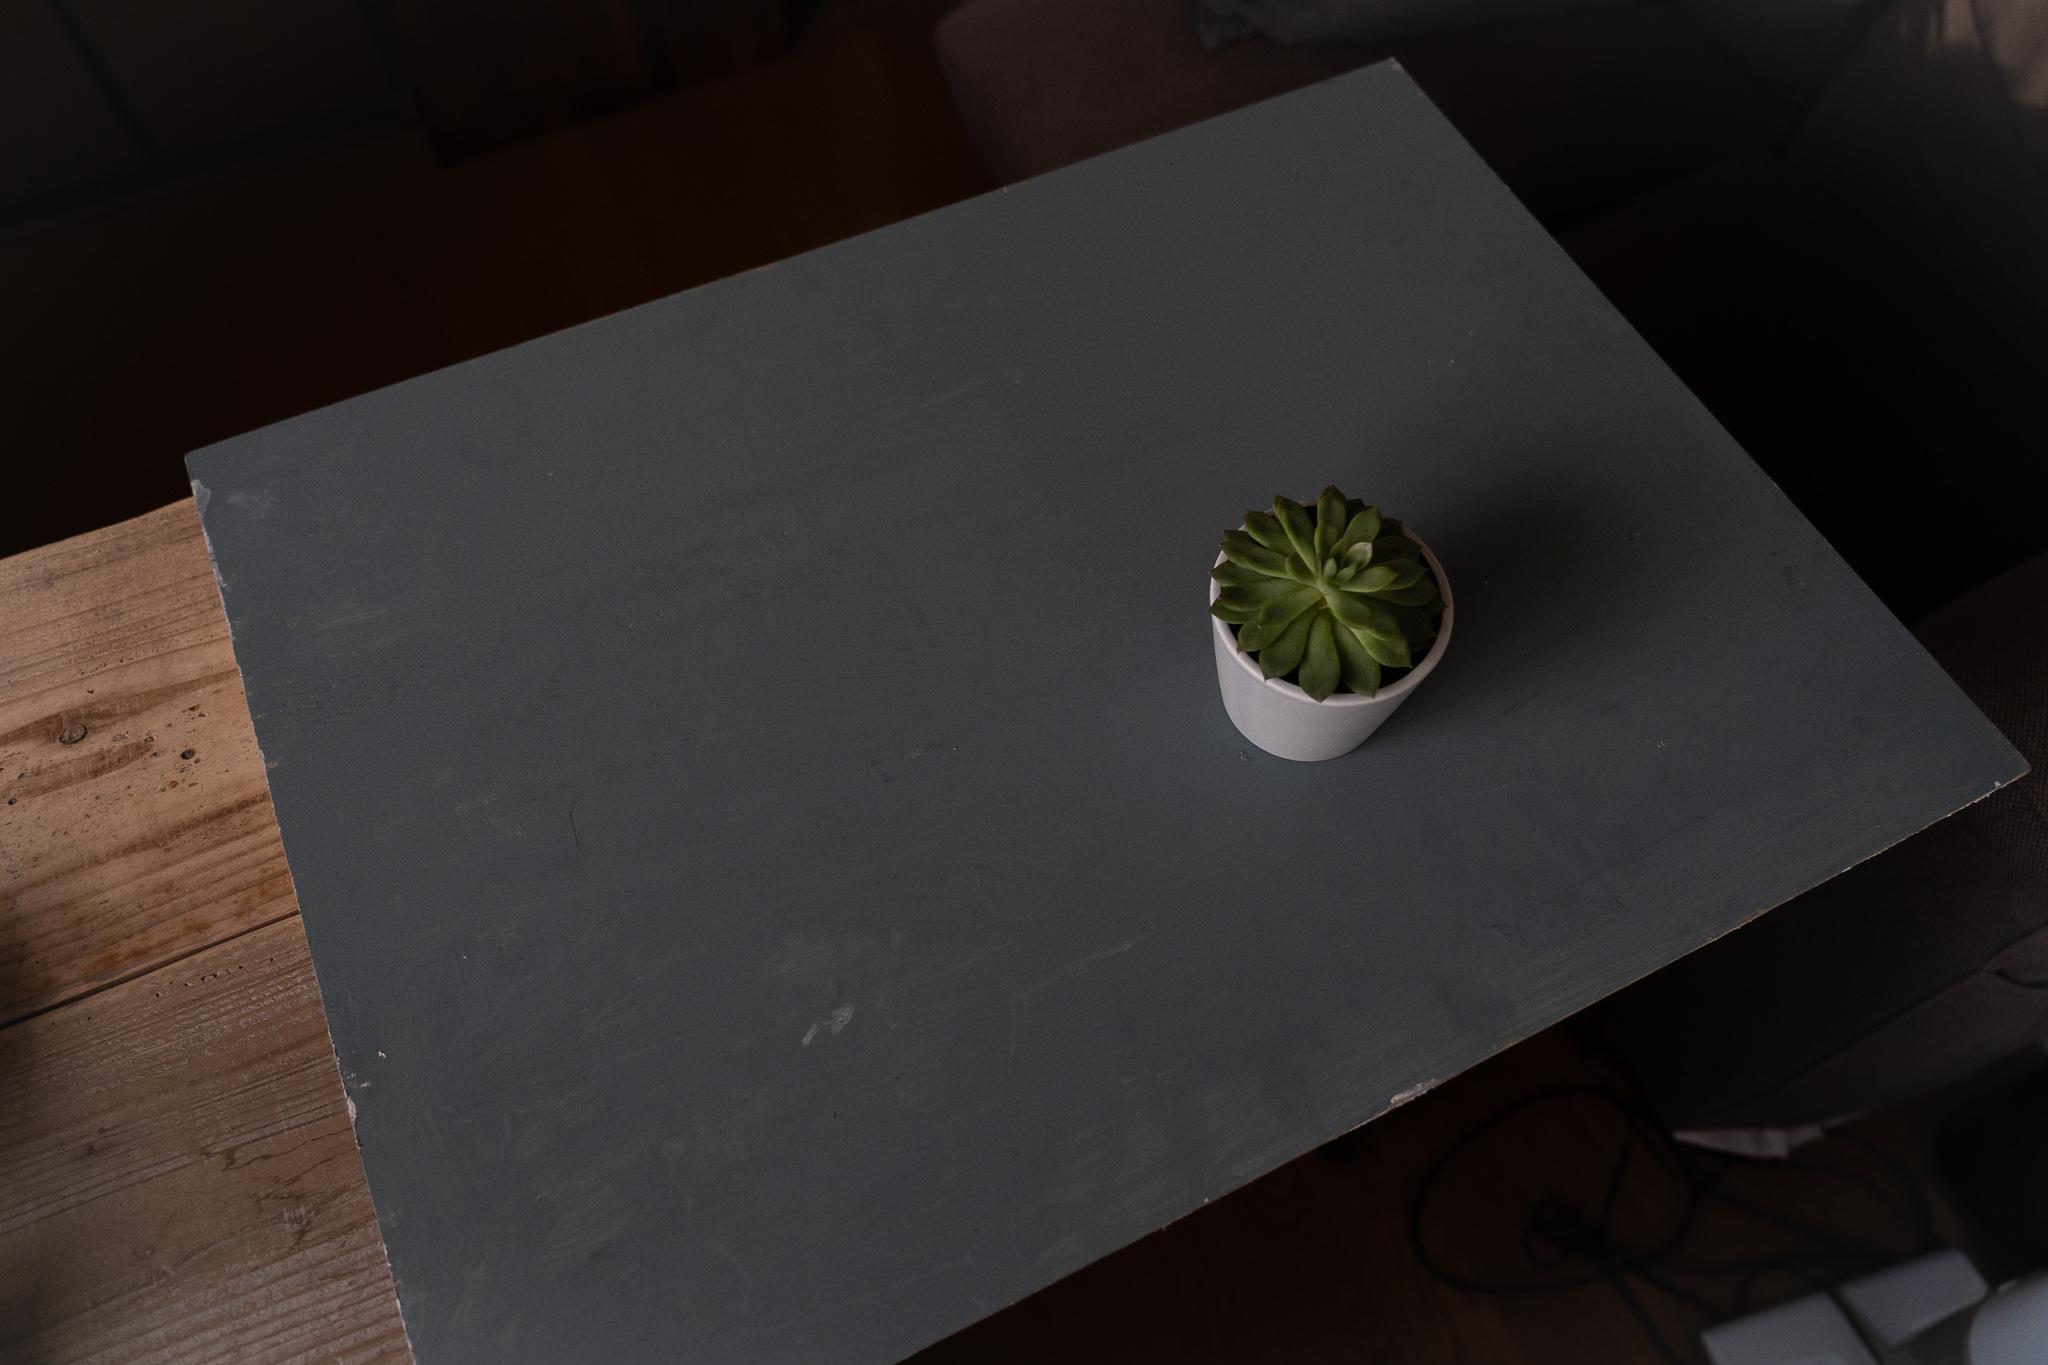 【天板DIY】カインズで「物撮り」専用の天板を買って、DIYしてみた